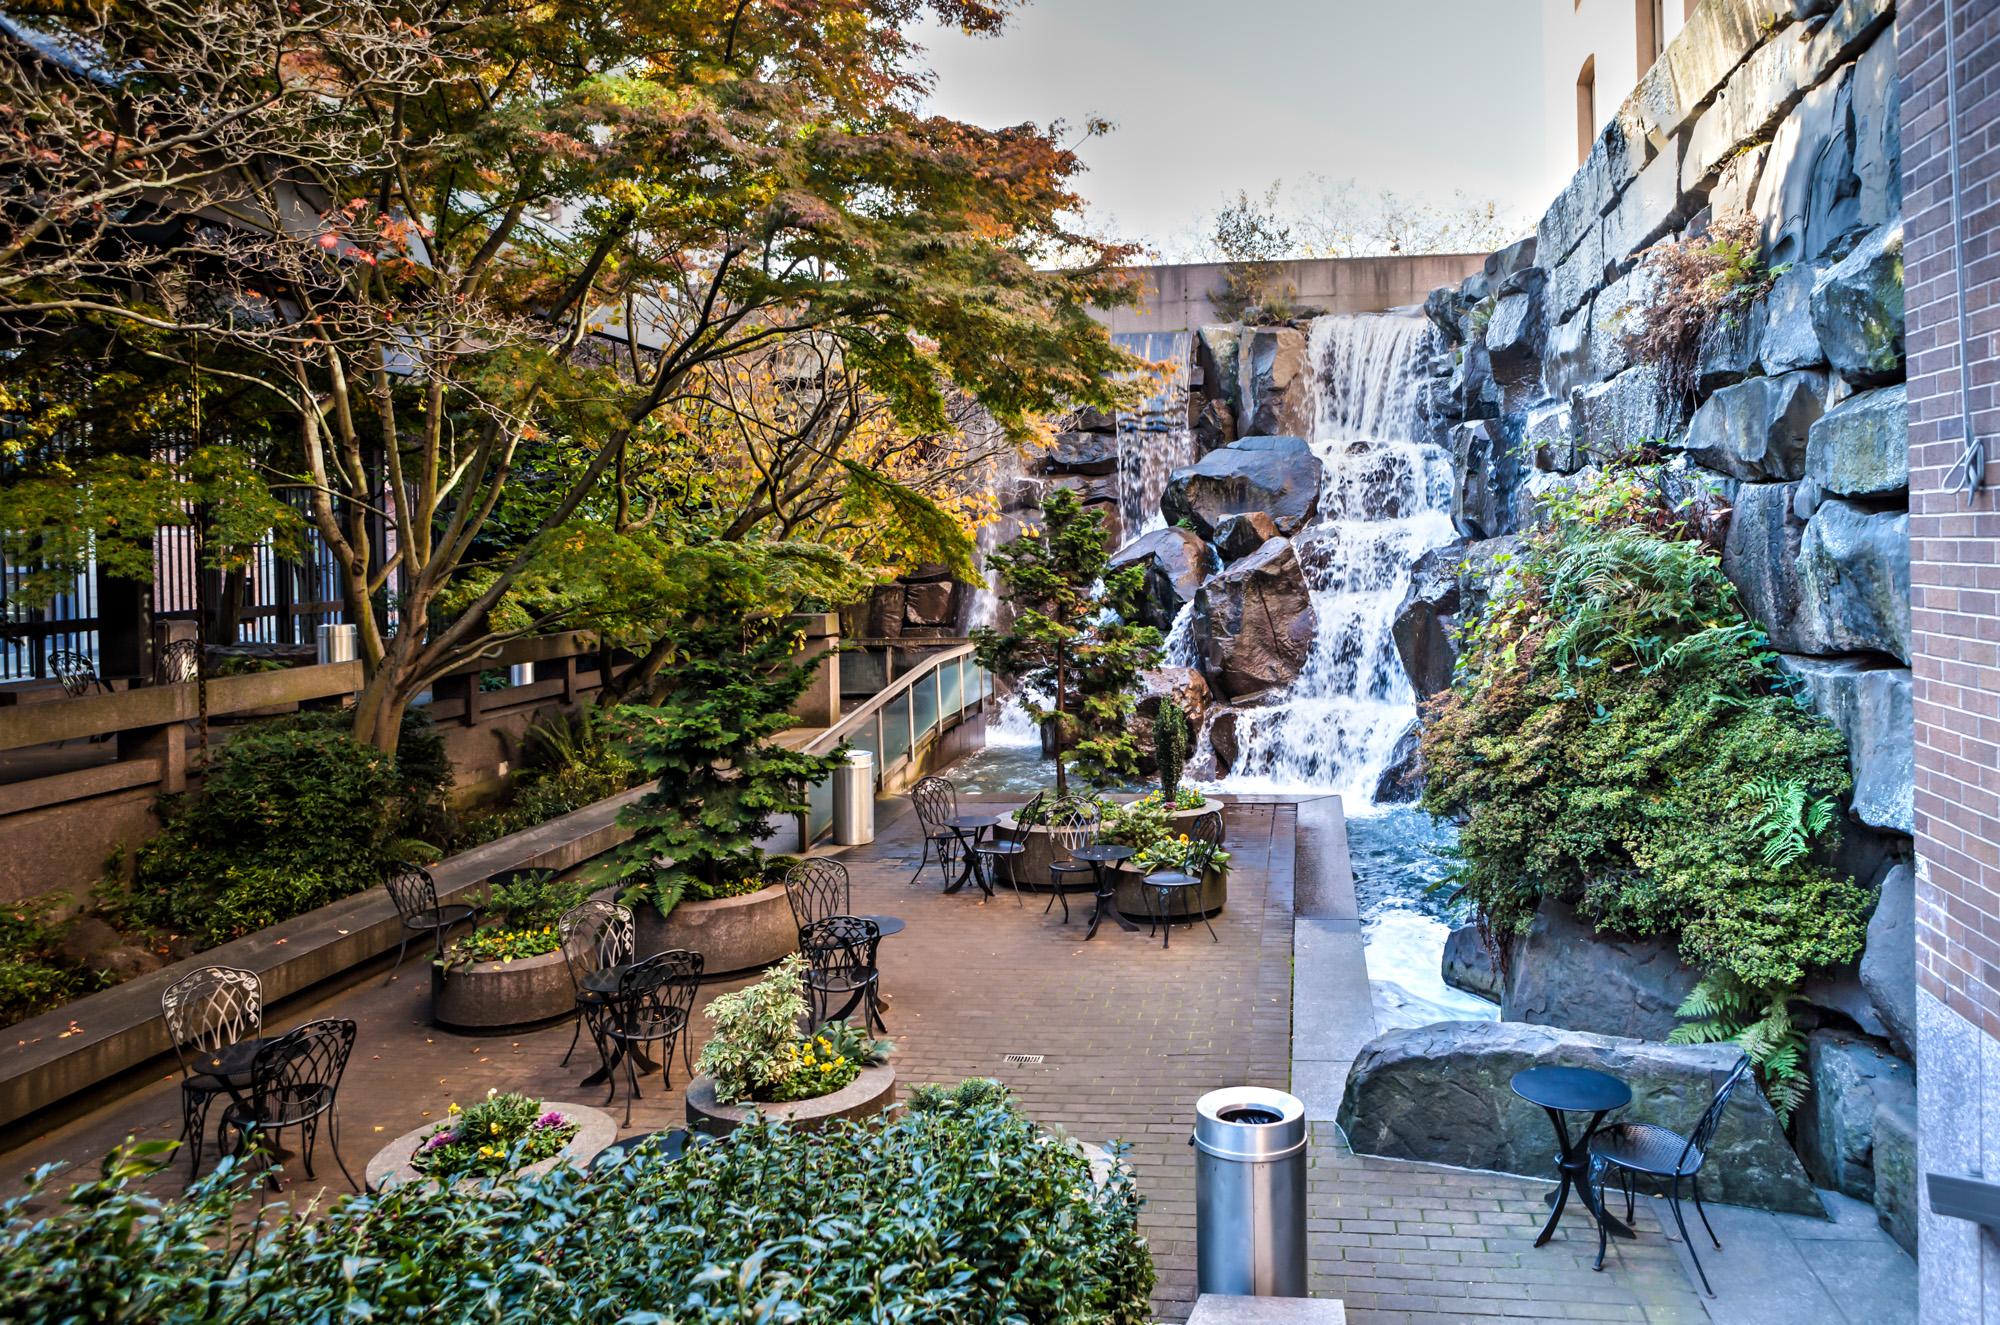 Waterfall Garden – A hidden Gem in Seattle